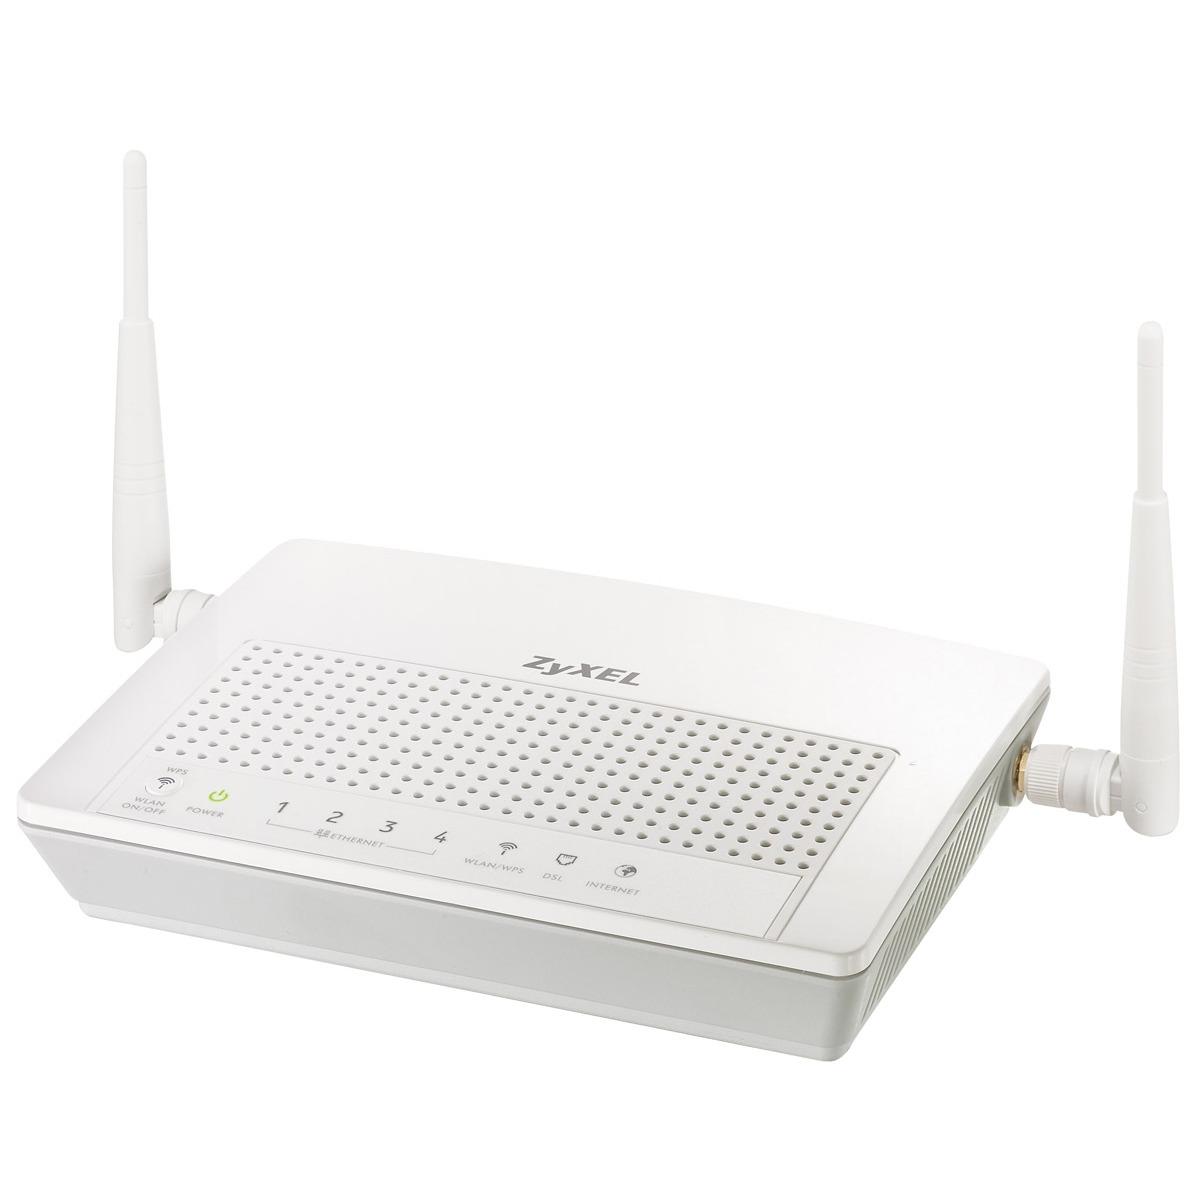 Zyxel Prestige 660hn Modem Amp Routeur Zyxel Sur Ldlc Com